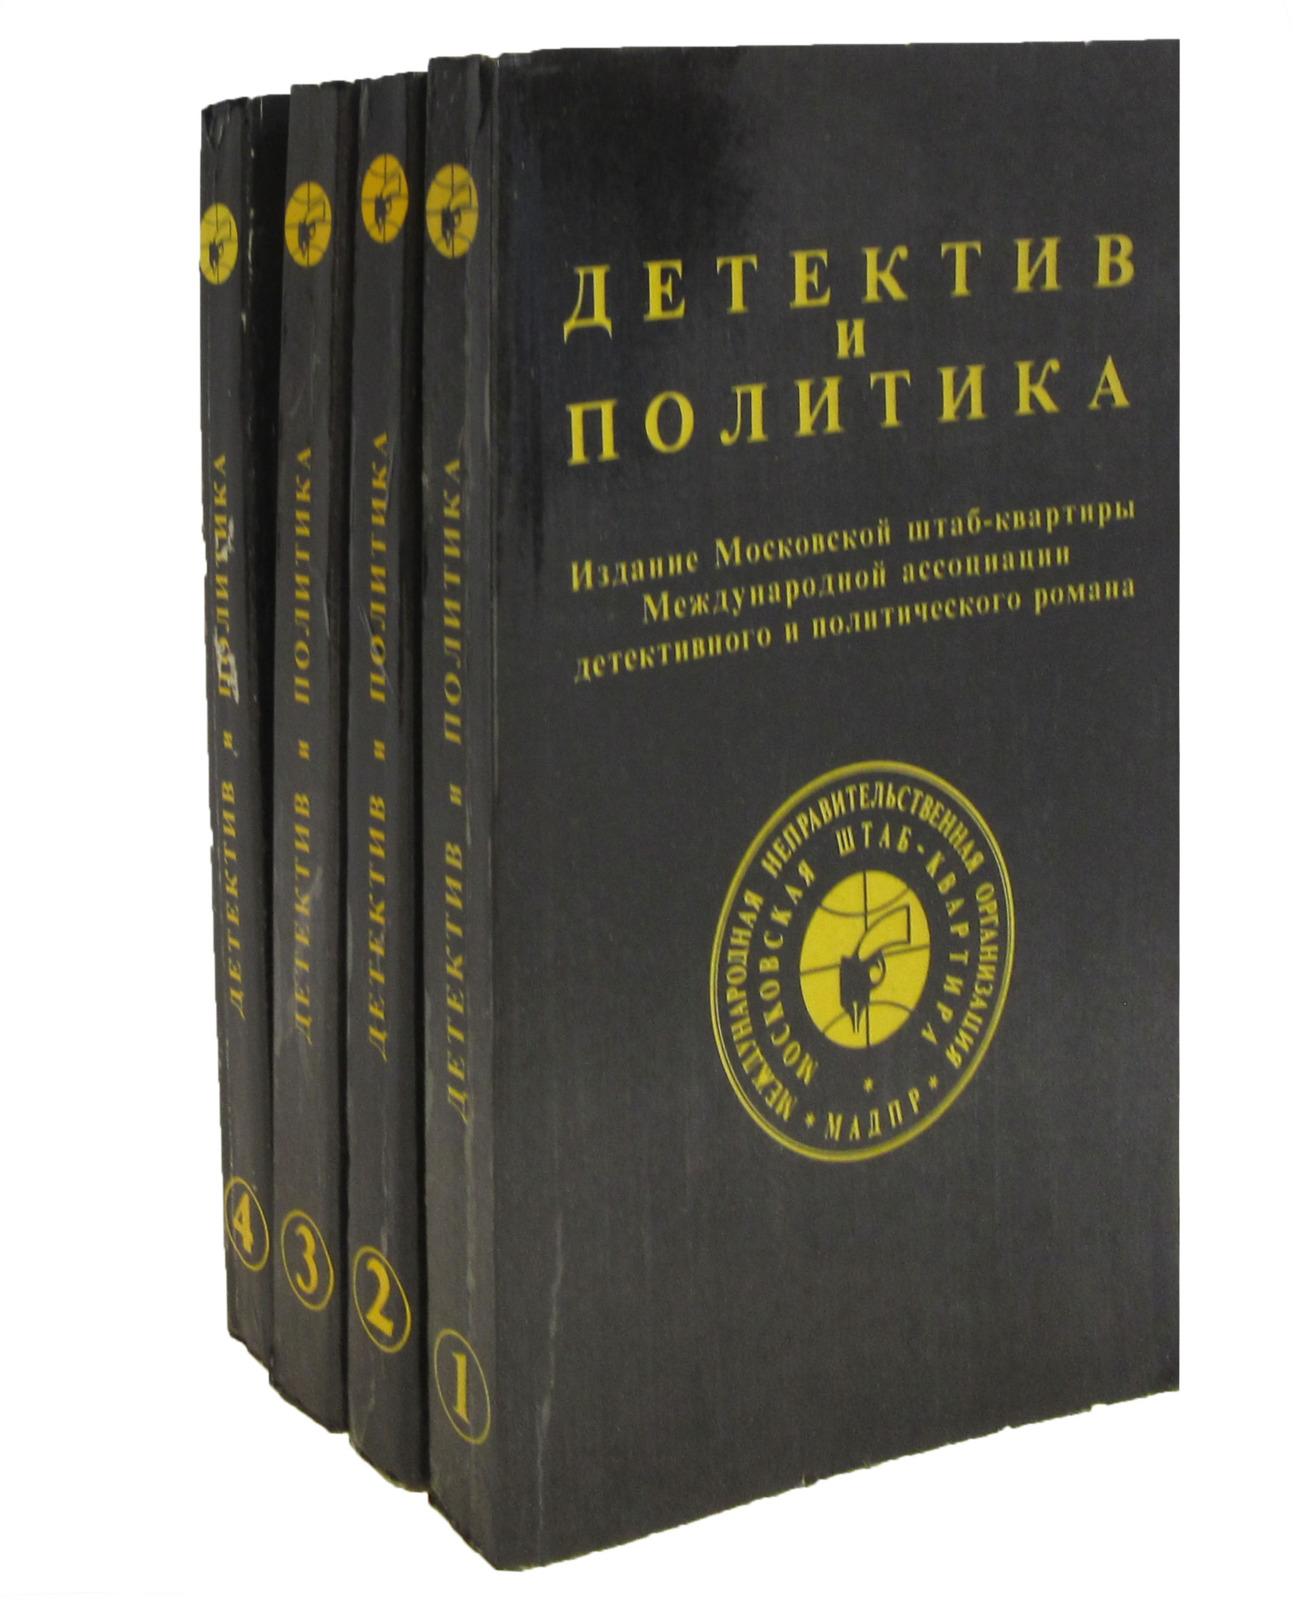 Серия Детектив и политика (комплект из 4 книг) юлиан семенов детектив и политика 1989 выпуск 2